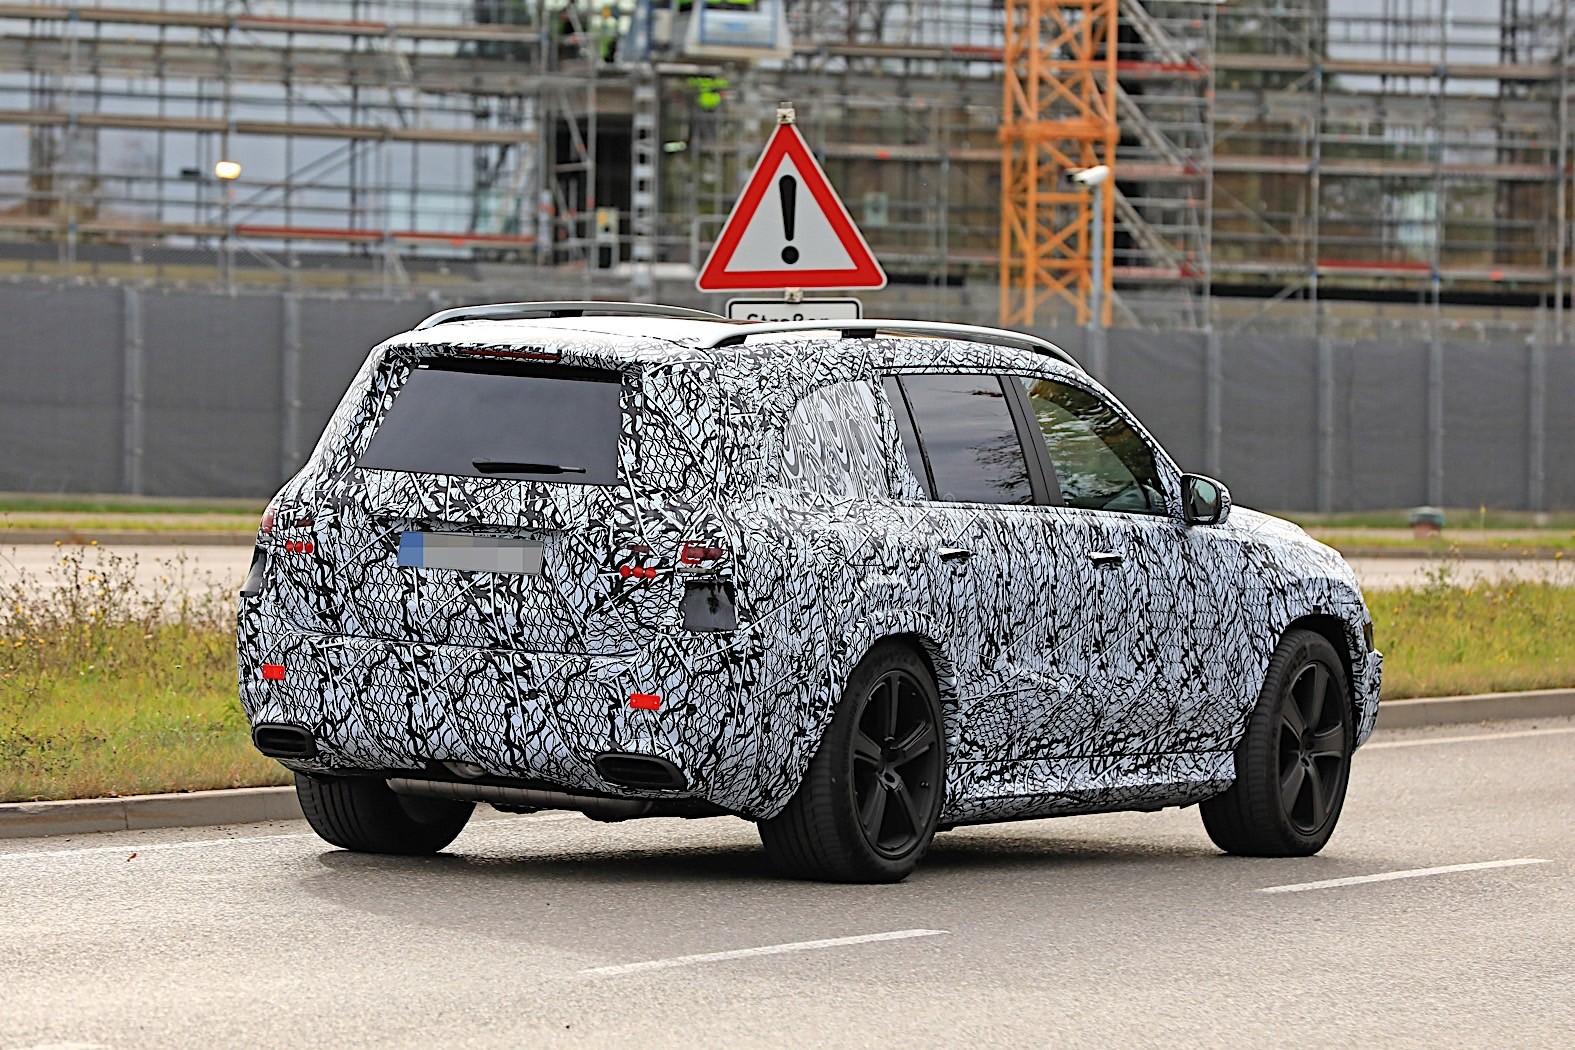 2020 Mercedes-Maybach GLS Meets Mercedes-Benz GLS in Rare Spyshots - autoevolution